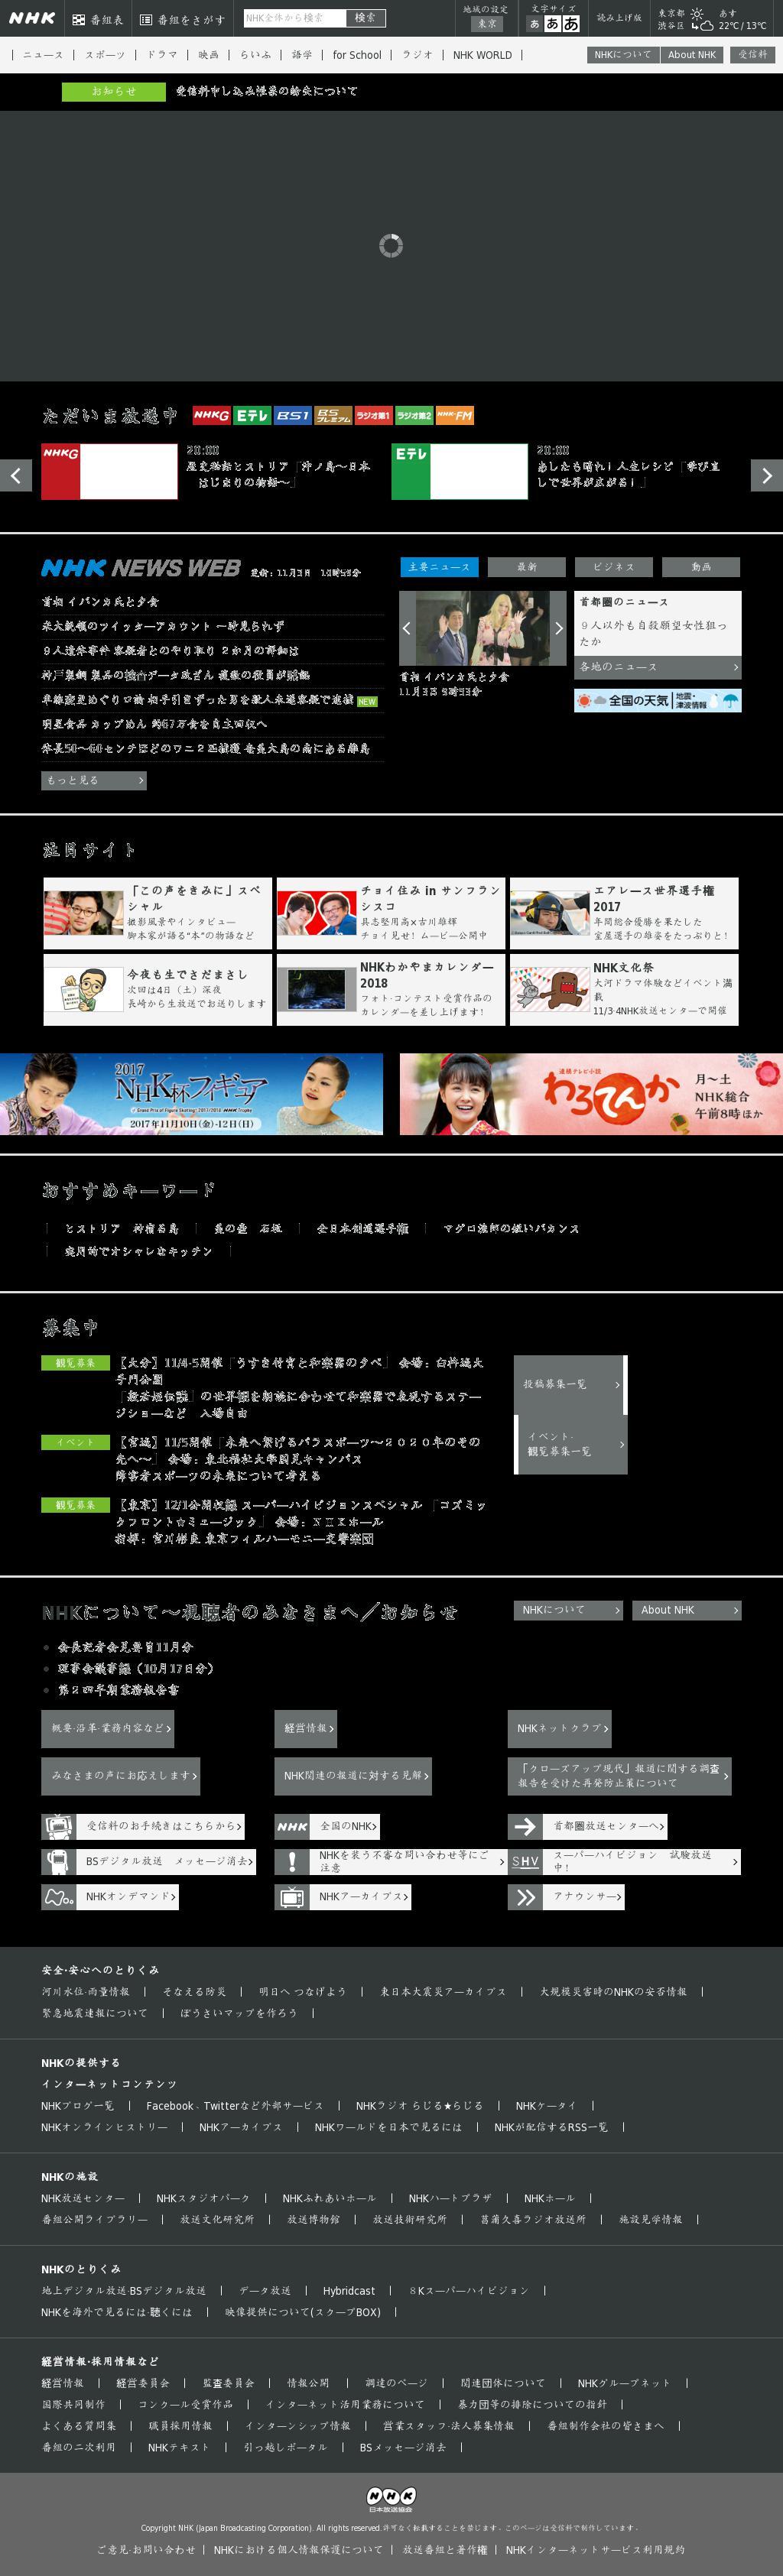 NHK Online at Friday Nov. 3, 2017, 11:09 a.m. UTC